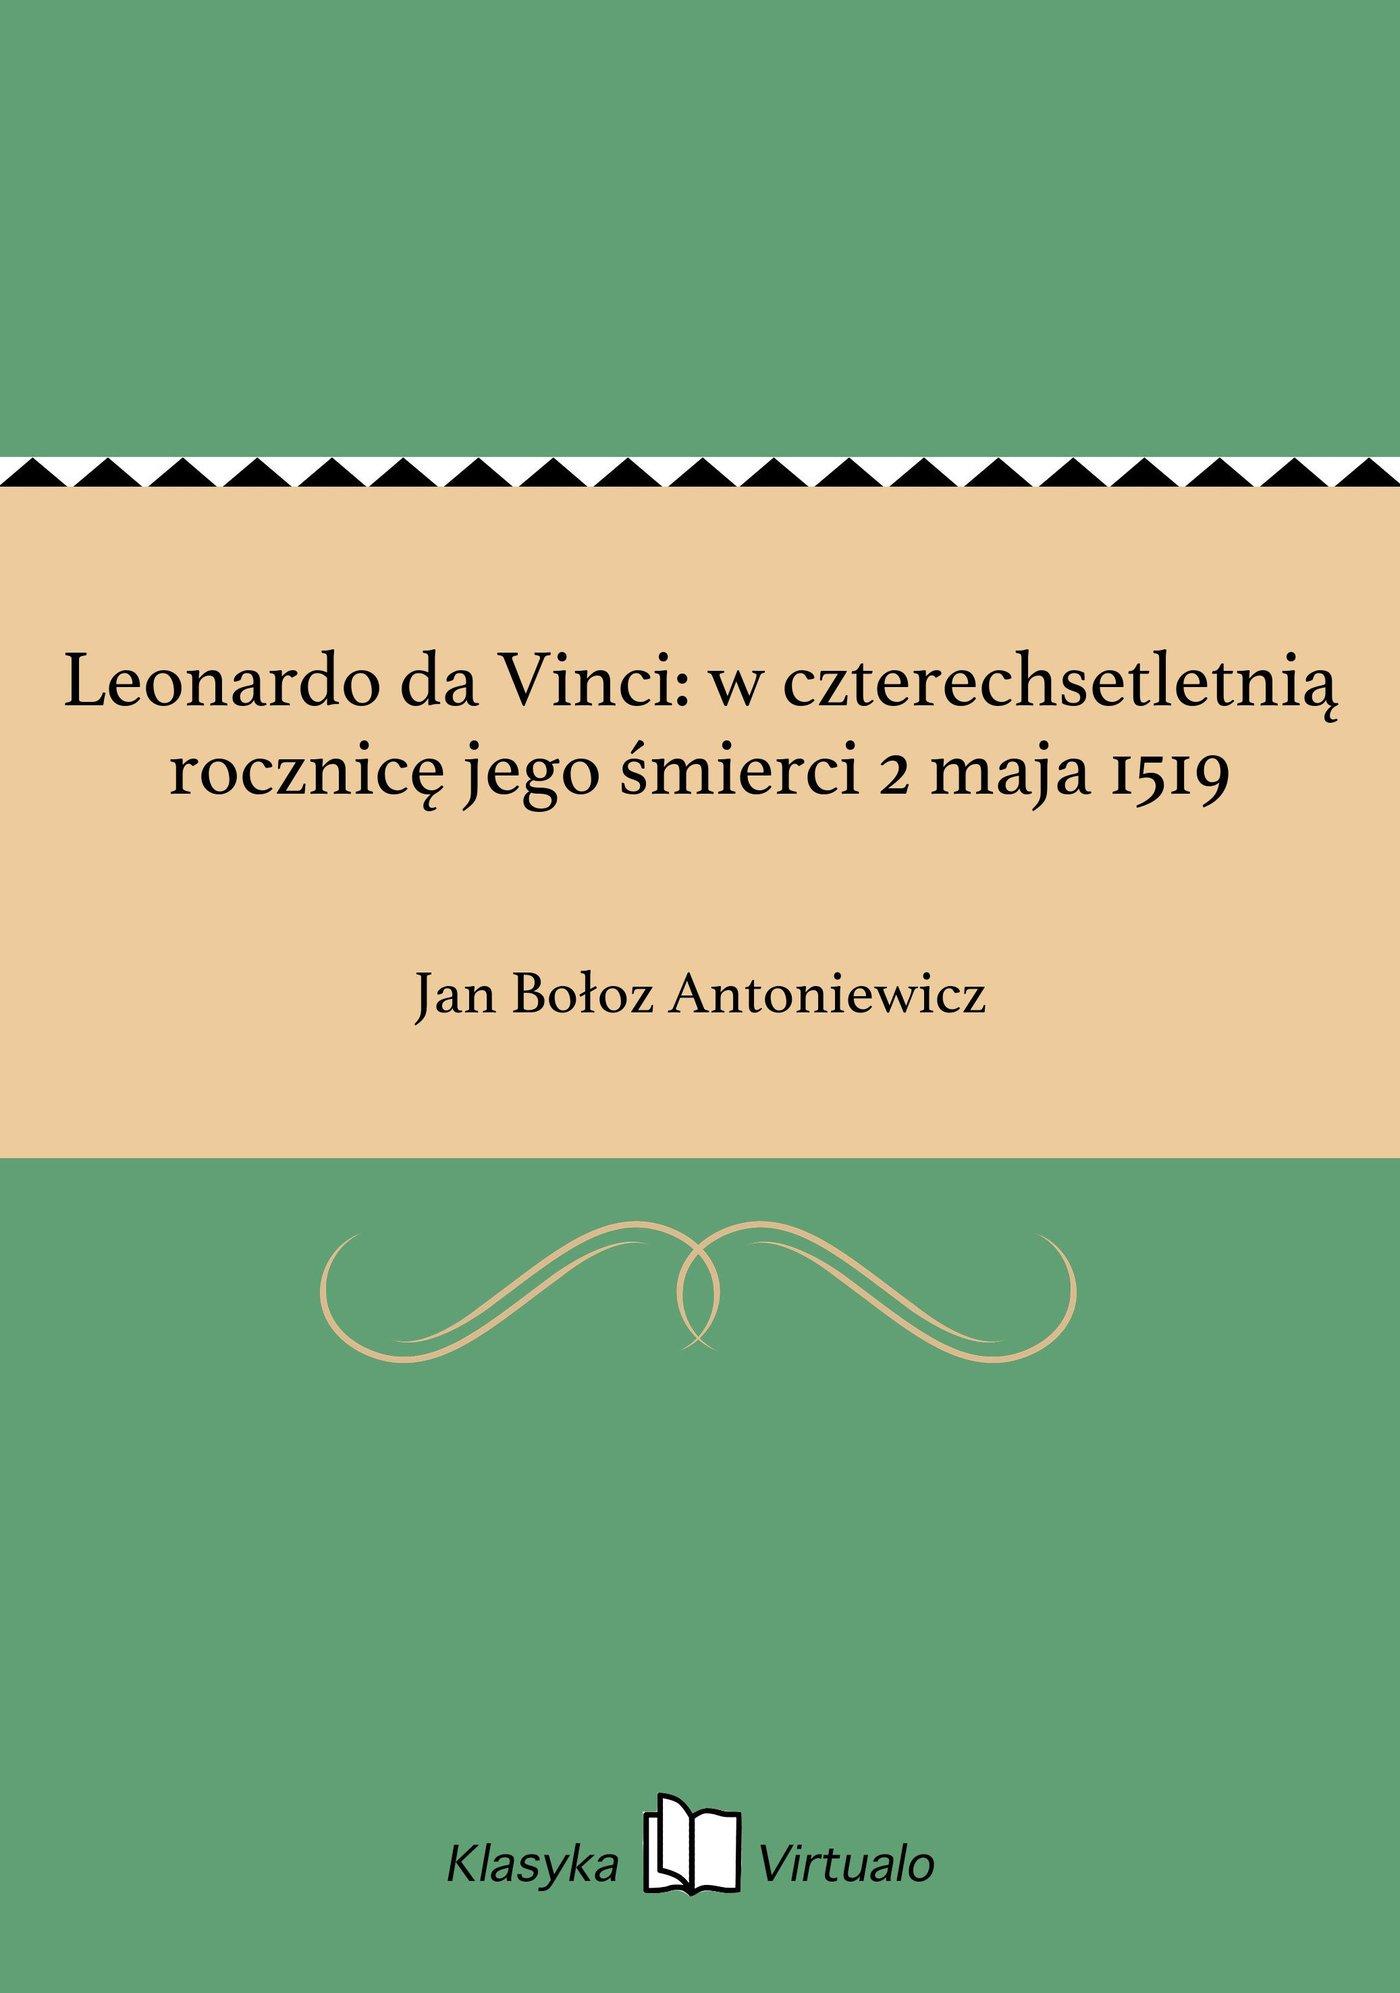 Leonardo da Vinci: w czterechsetletnią rocznicę jego śmierci 2 maja 1519 - Ebook (Książka na Kindle) do pobrania w formacie MOBI